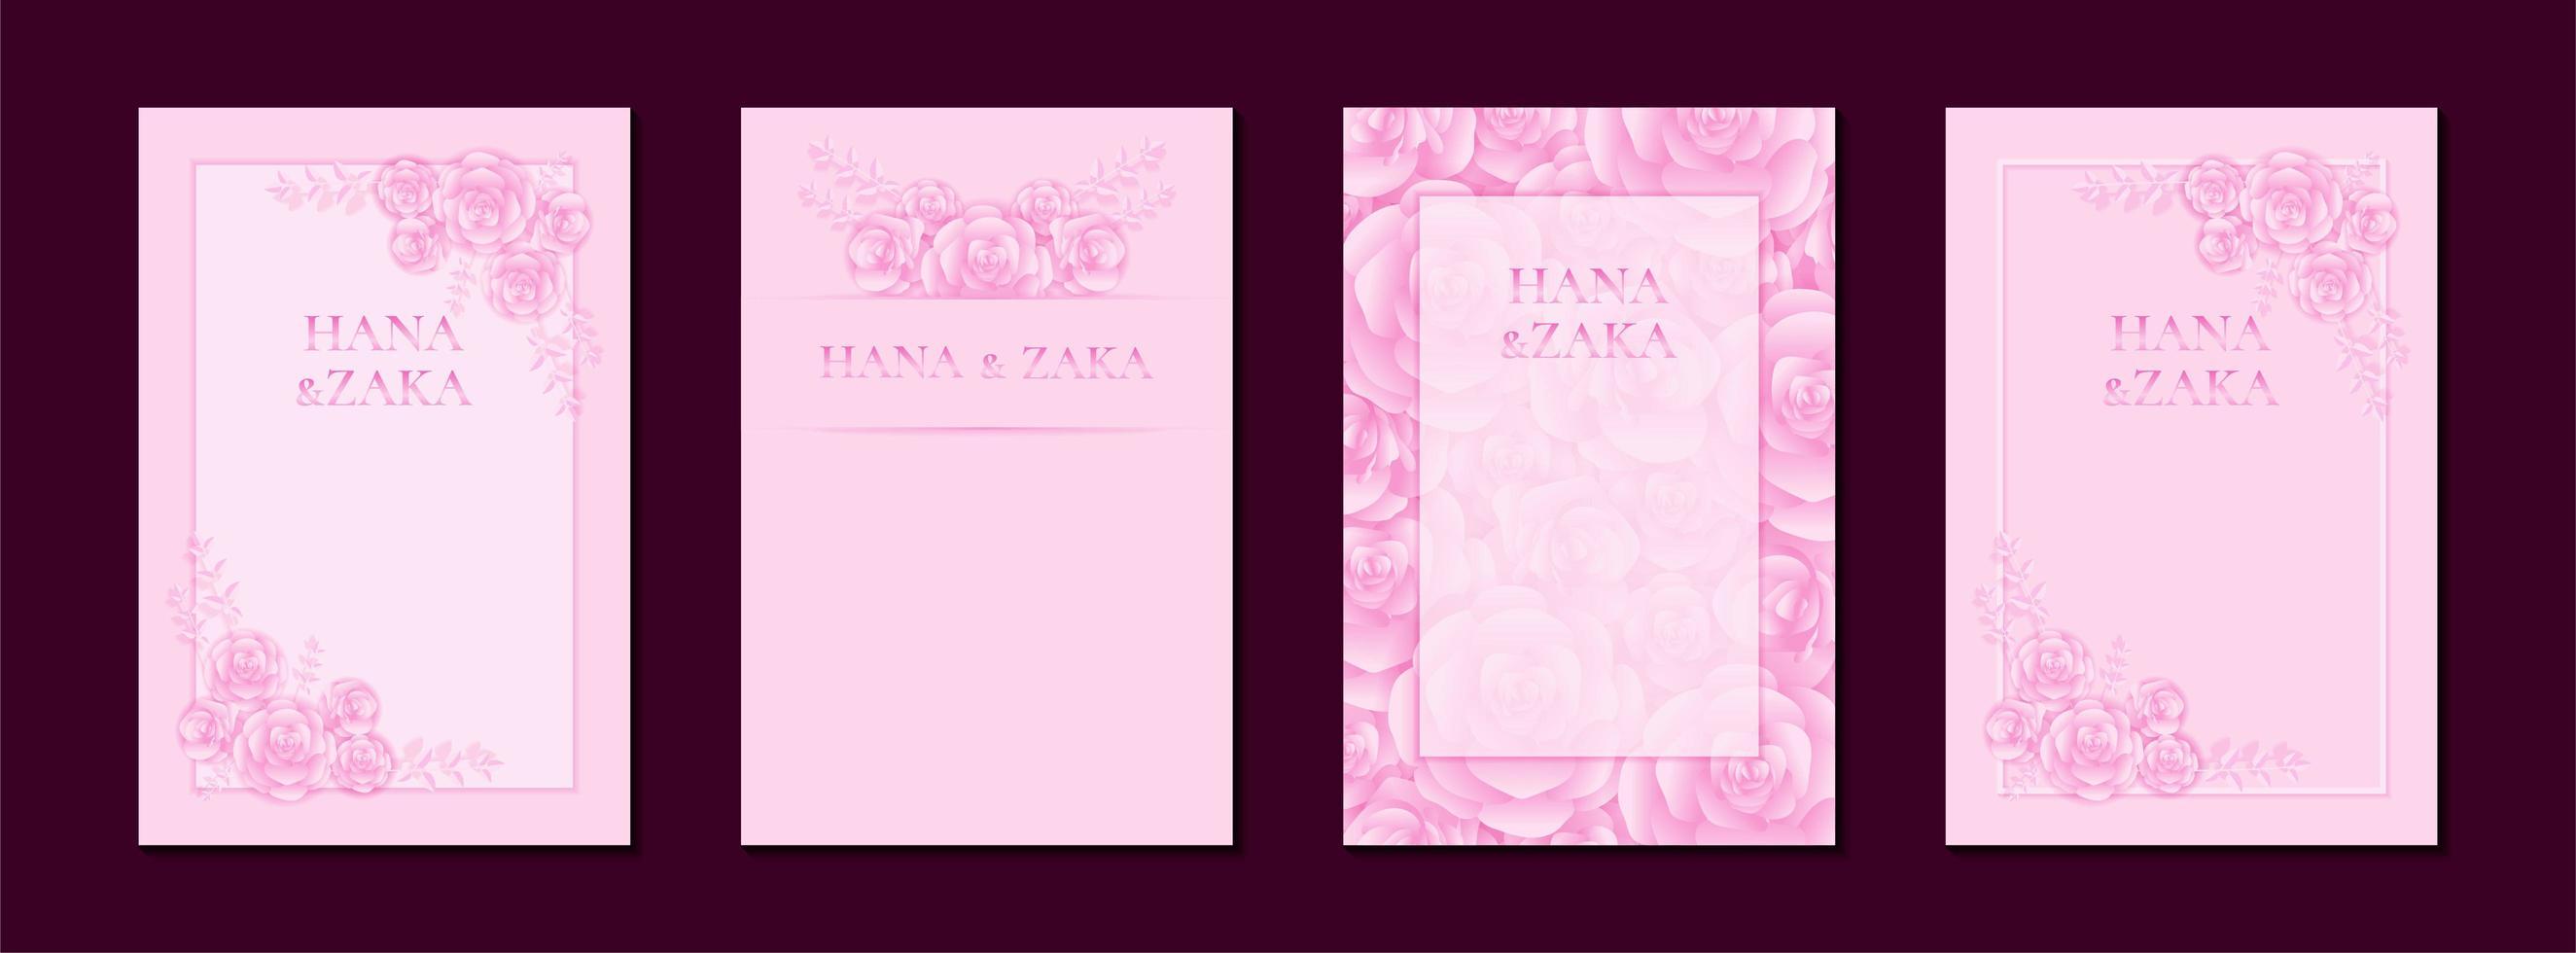 bröllop inbjudningskort rosa ros med ram mall vektor